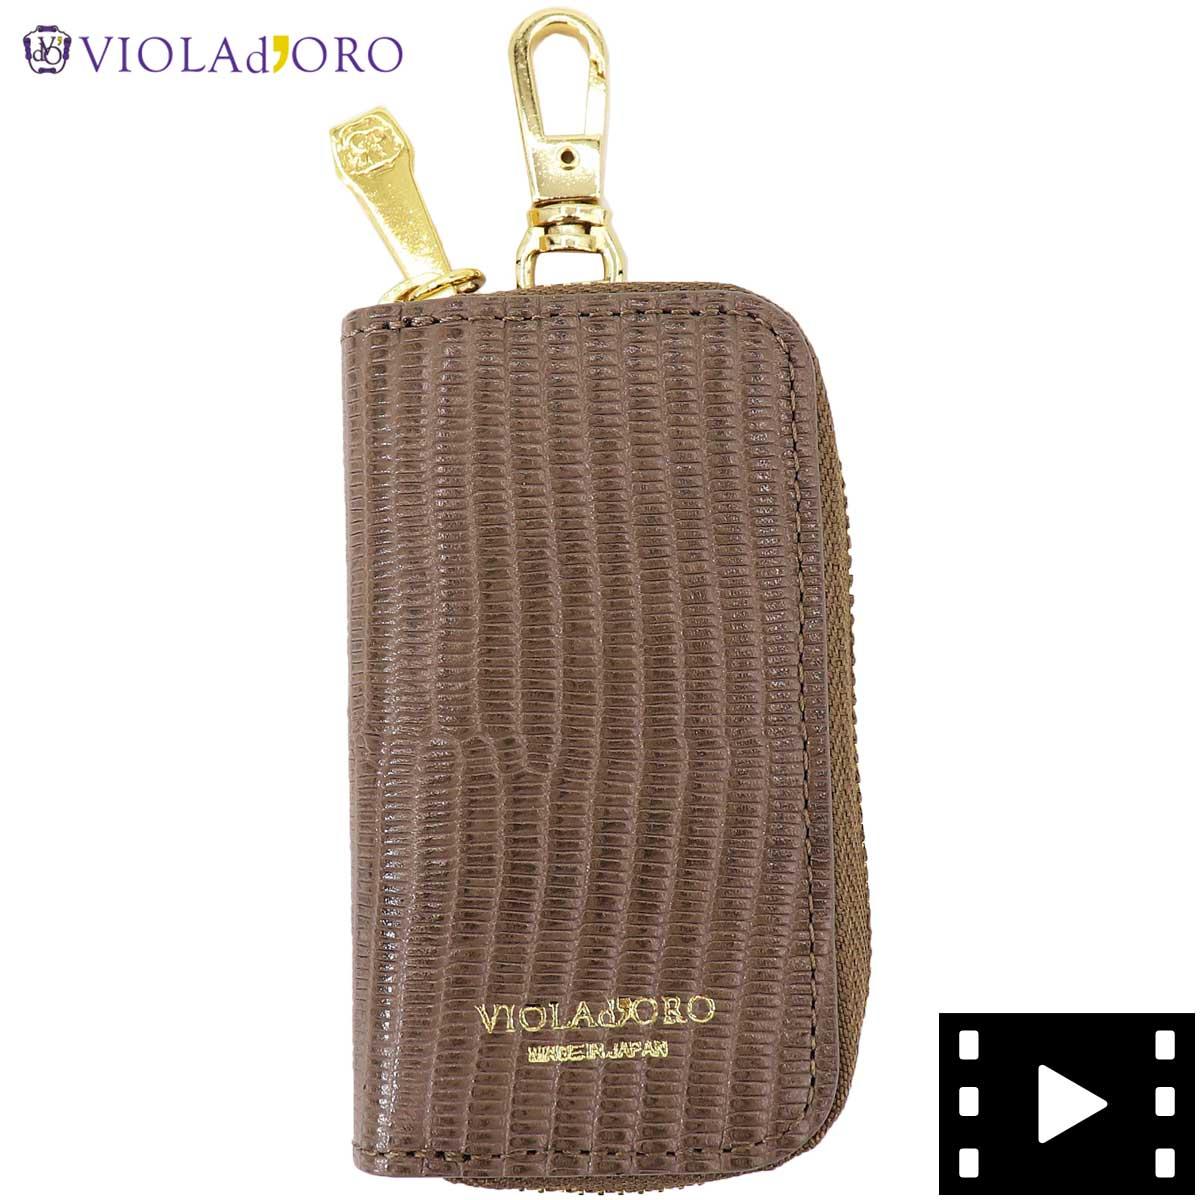 ヴィオラドーロ VIOLAd'ORO レディース リザード型押しレザー ラウンドジップ スマートキーケース V-1383 VLD GREIGE(グレージュ)秋冬新作